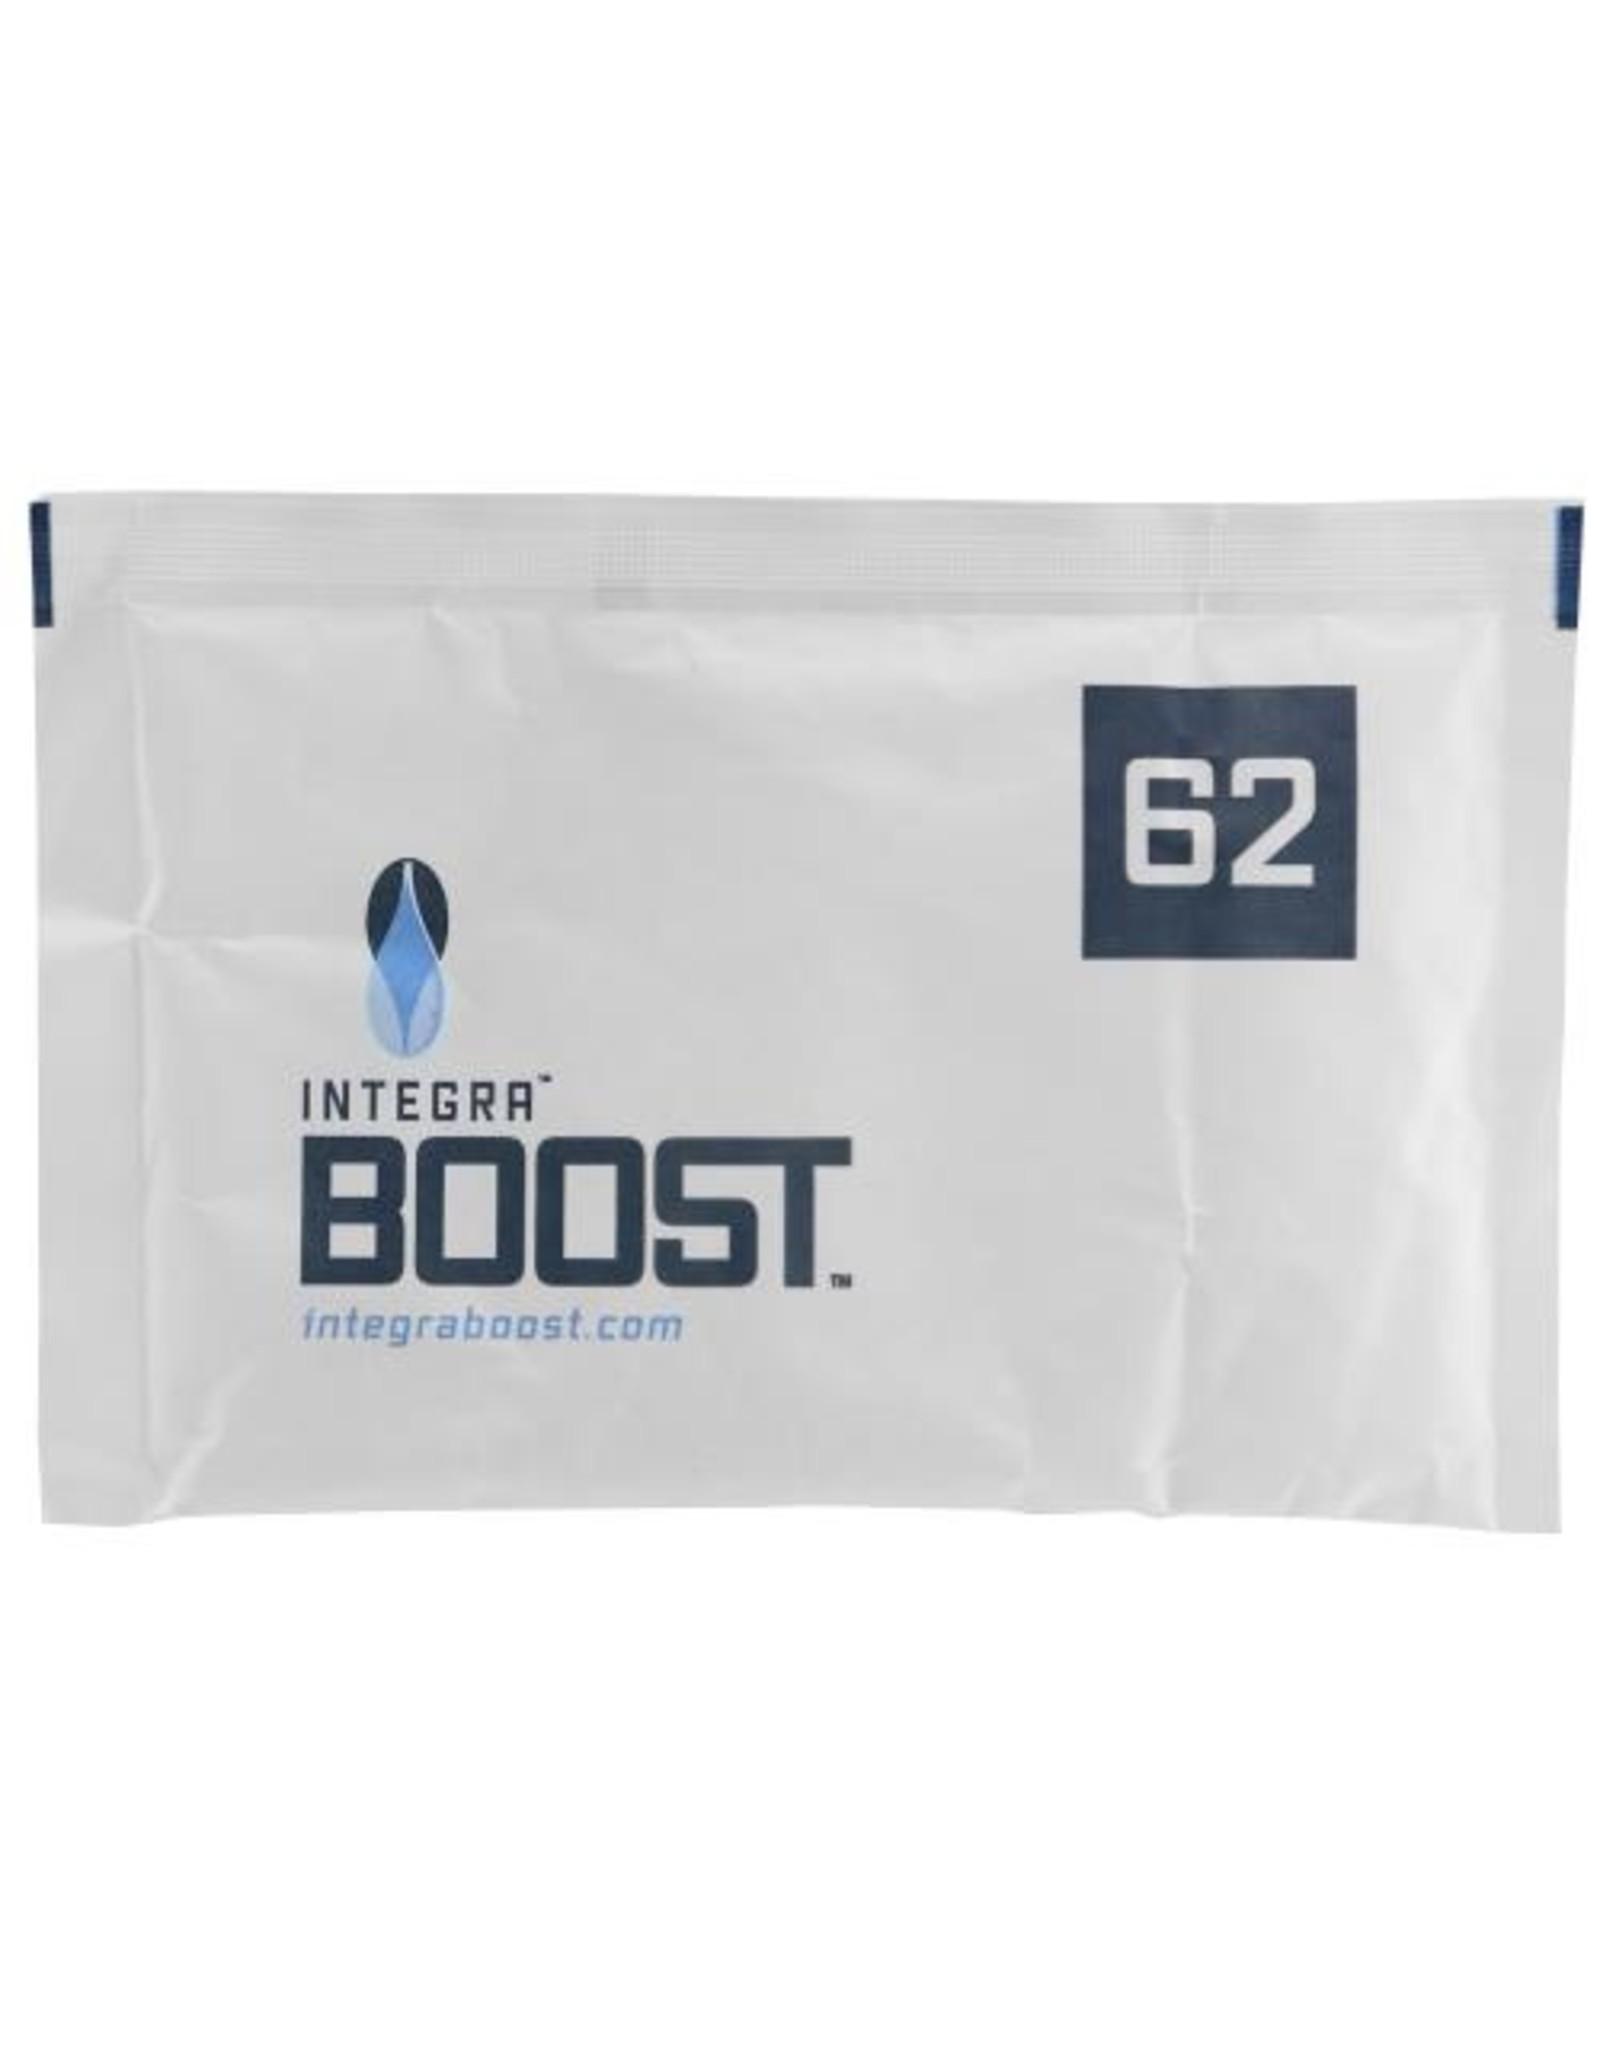 Integra Boost Integra Boost 67g Humidiccant 62%